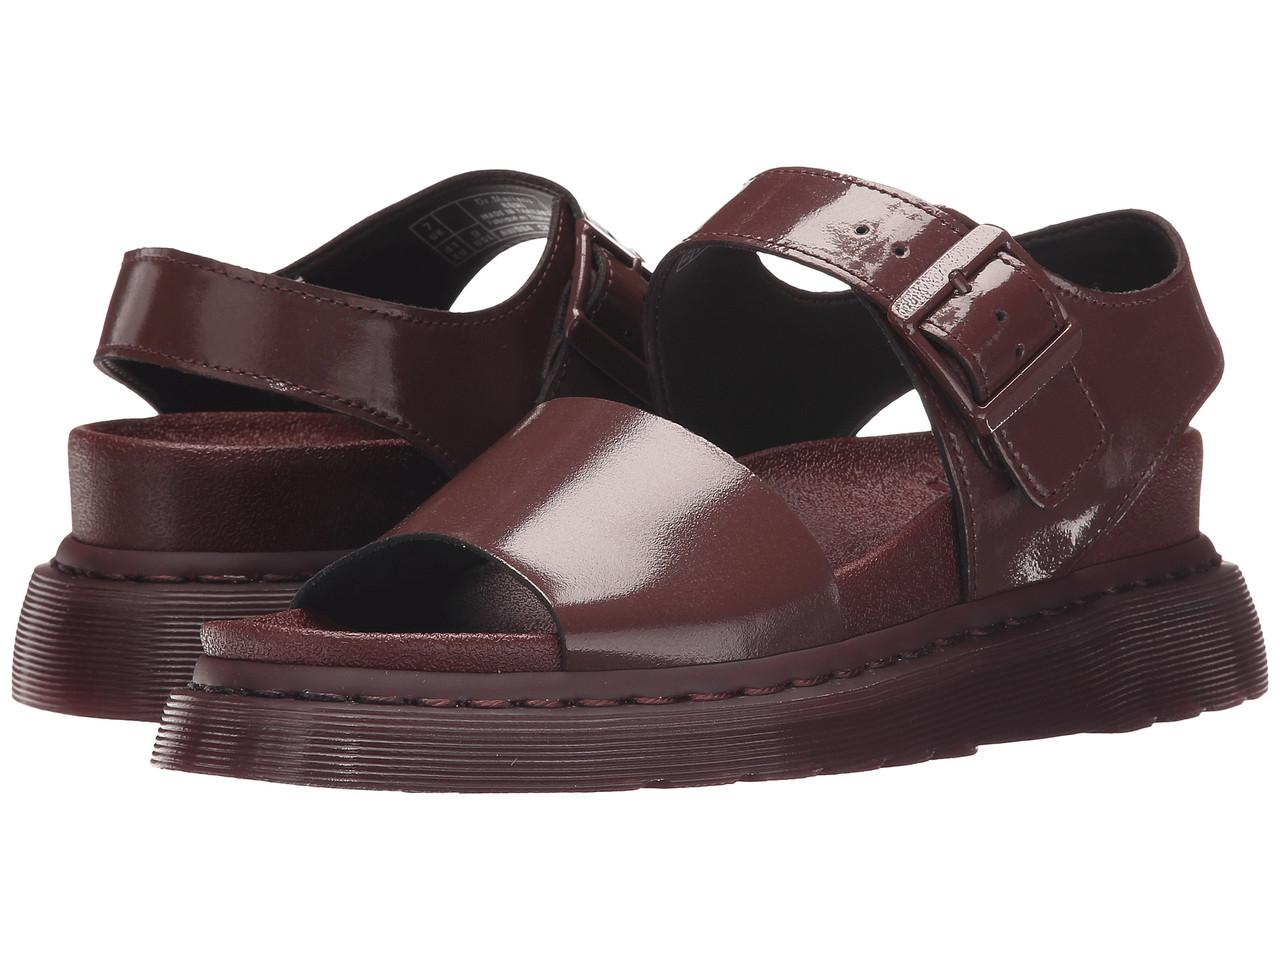 Стильні чоловічі босоніжки сандалі Dr. Martens Romi Y Strap Oxblood/Petrol Fashion Sandals 43р., фото 1